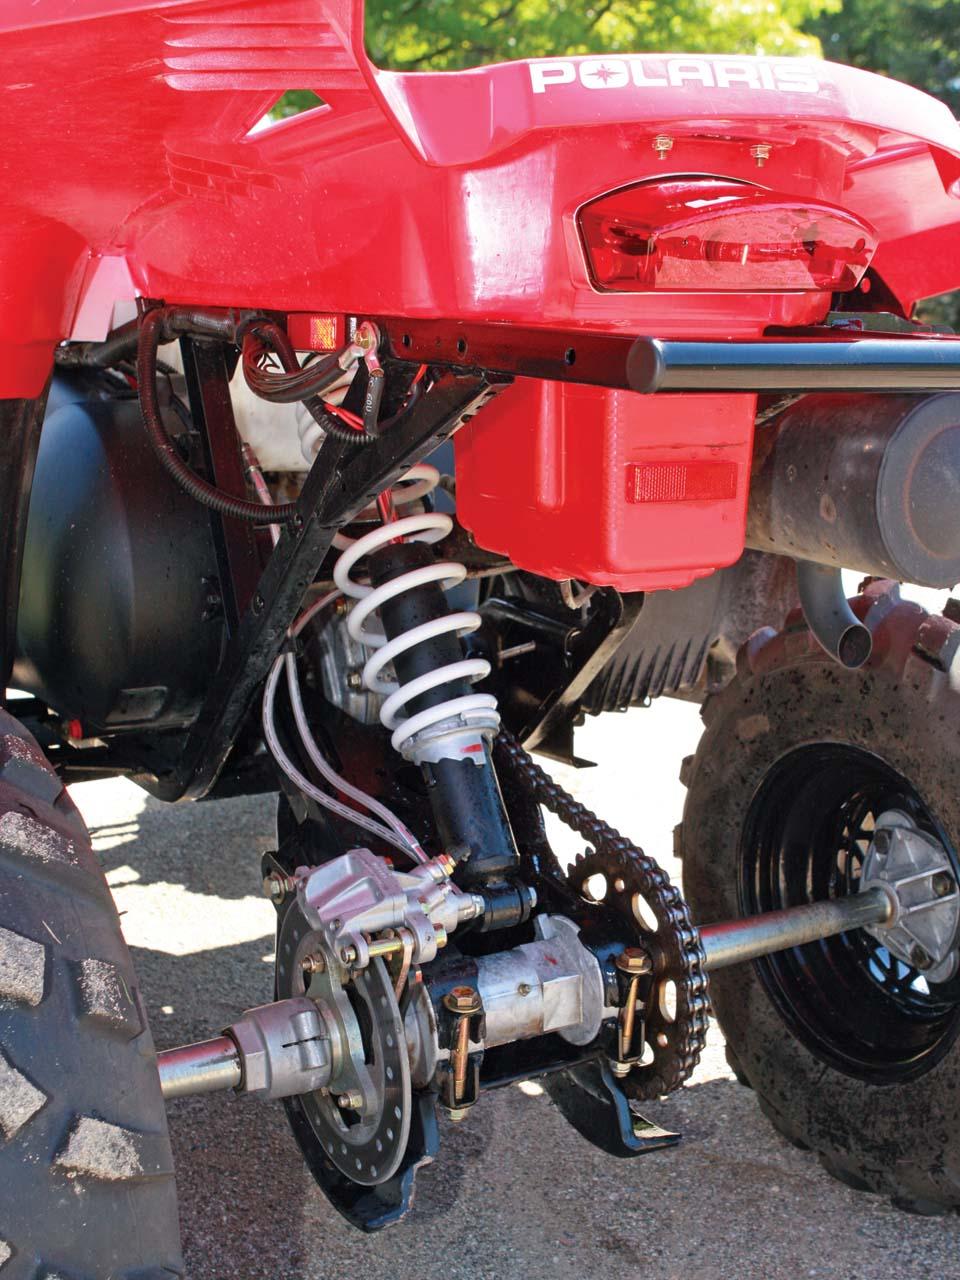 hight resolution of 2011 polaris scrambler500 close up rear suspension jpg